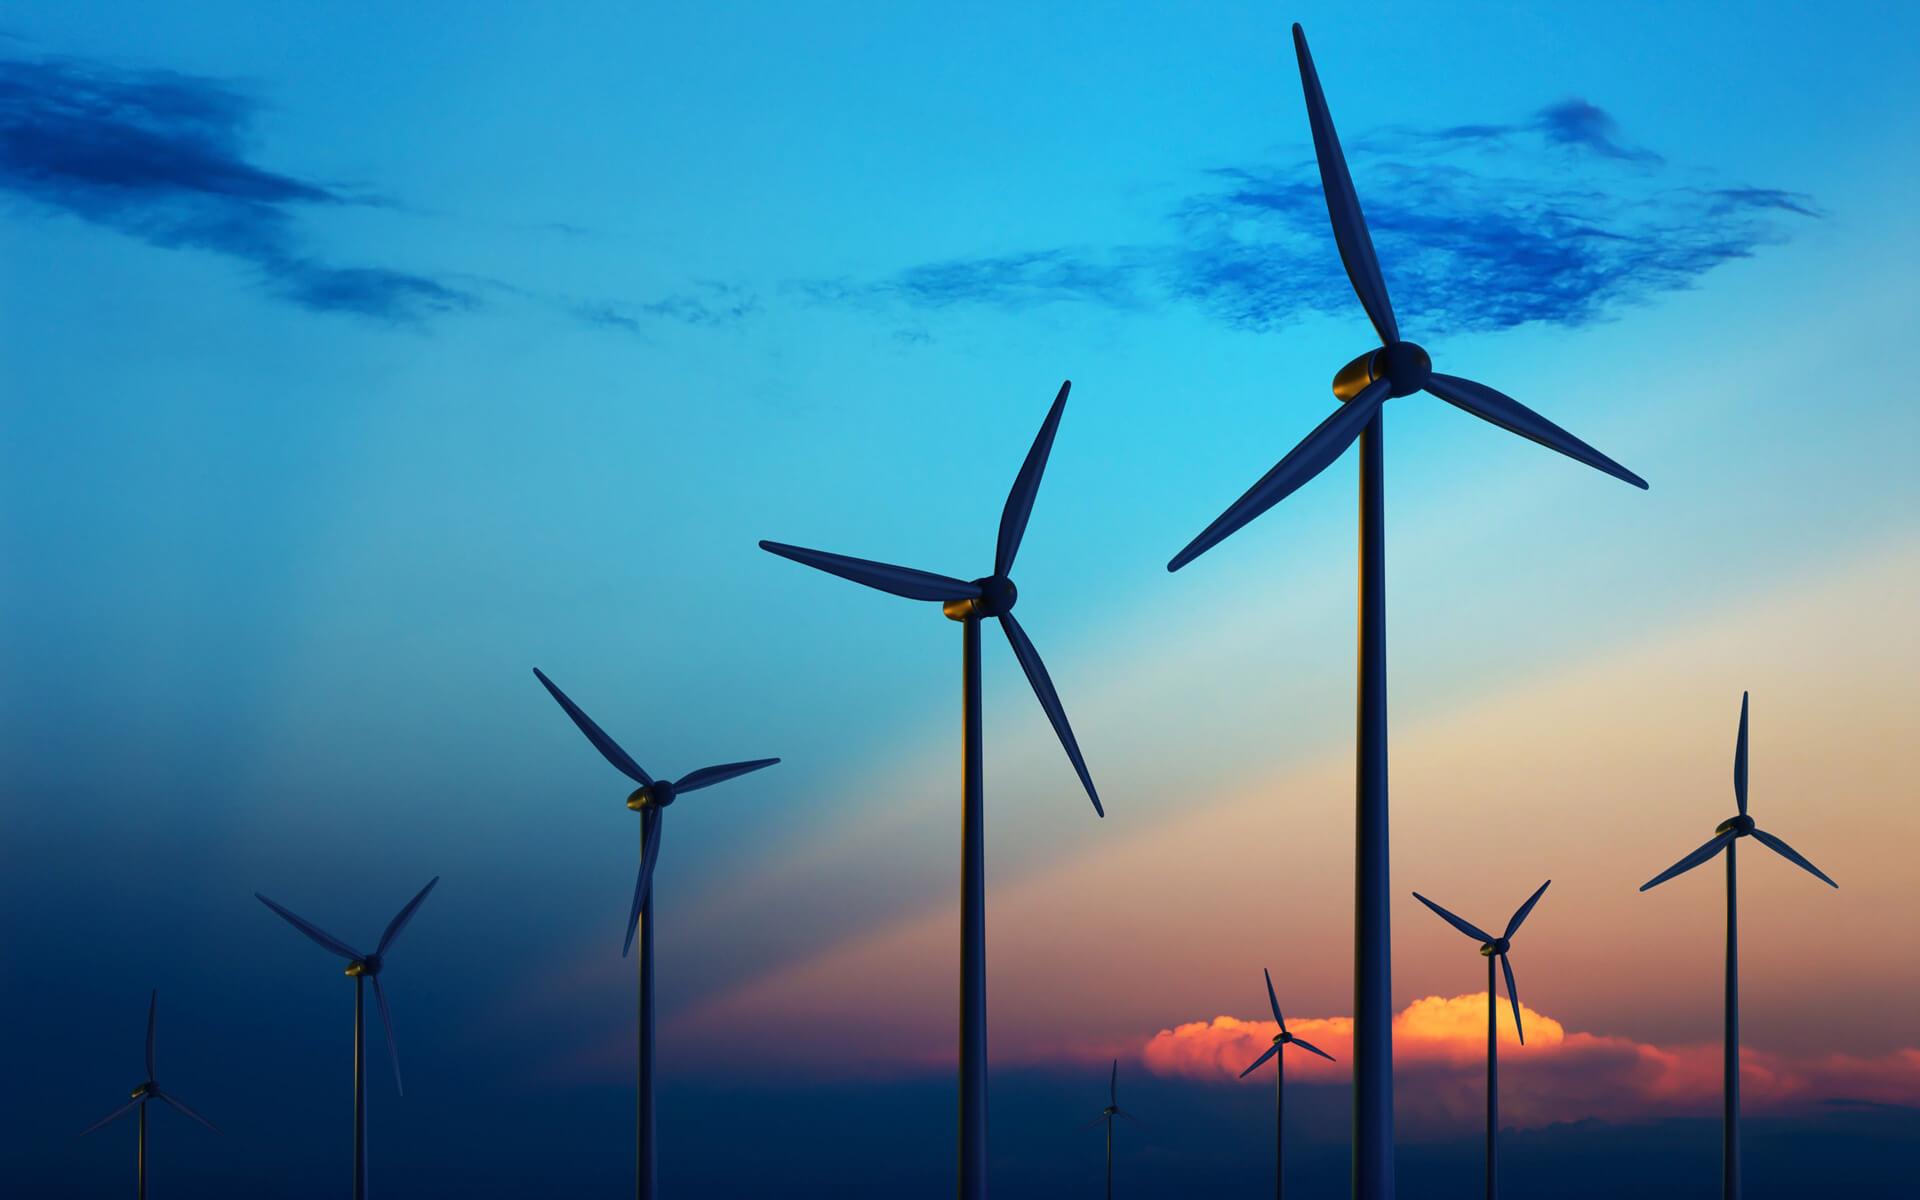 Szélenergia, szélerőmű, szélturbina, szélgenerátor